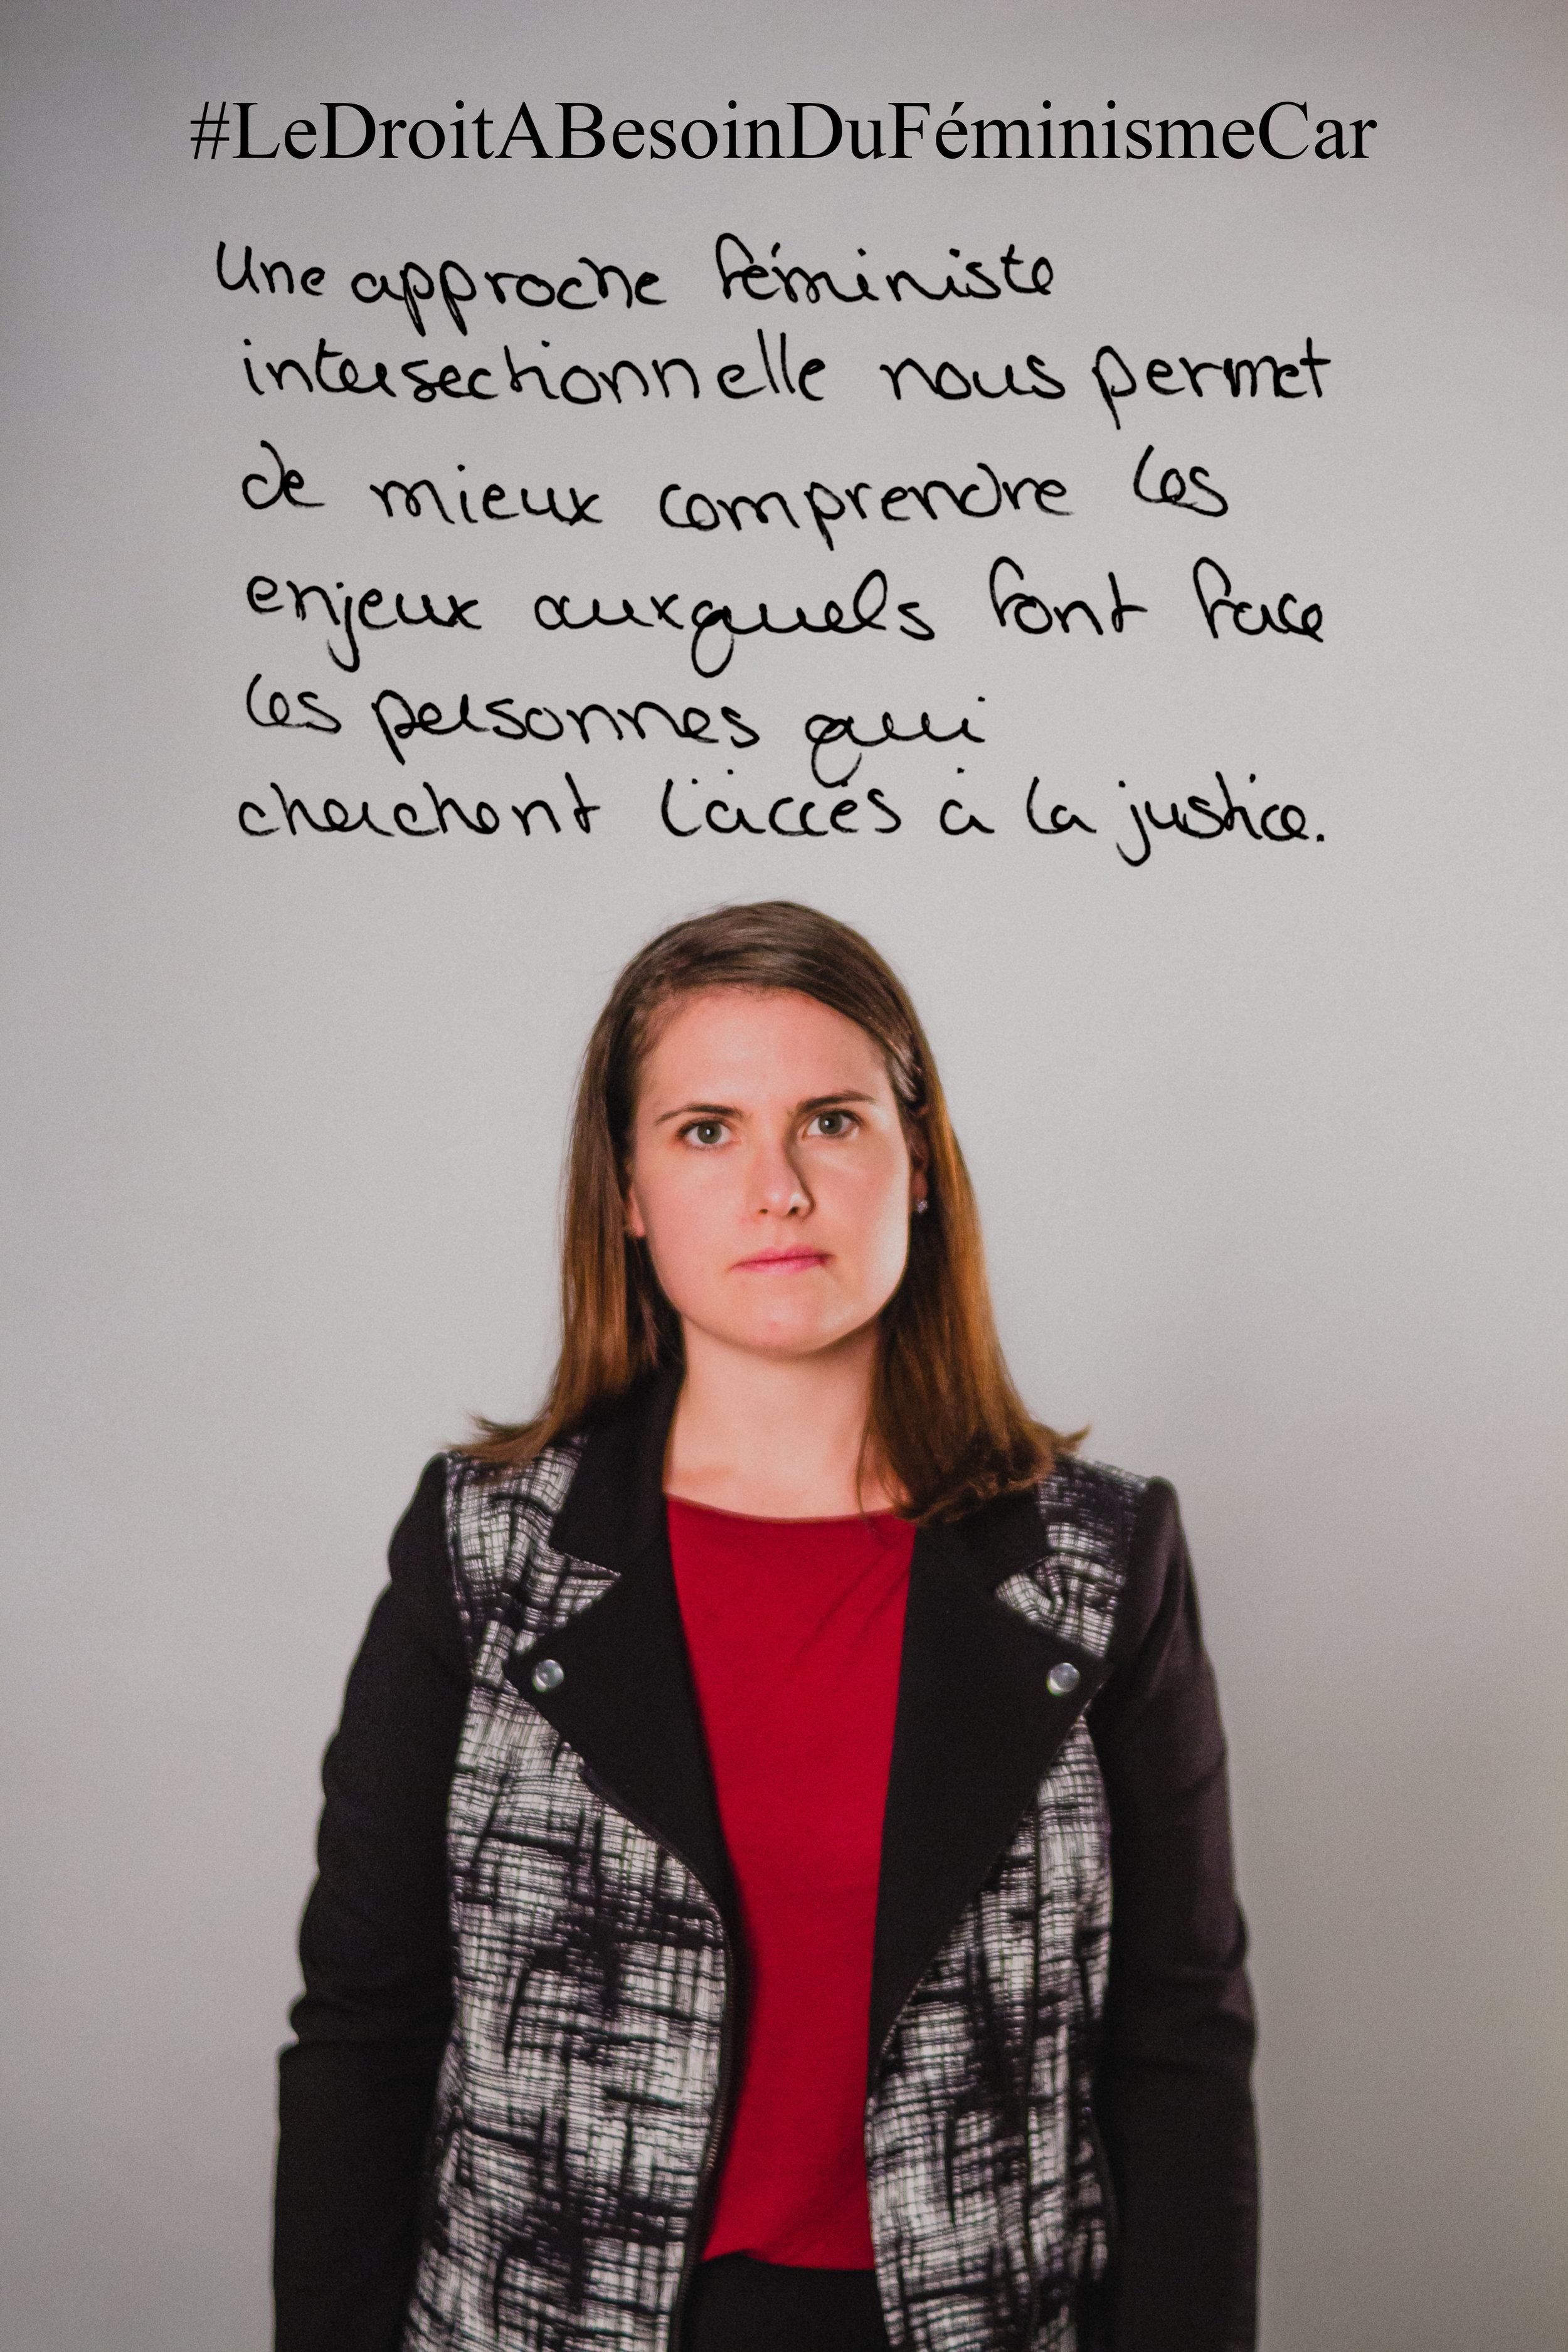 """Le droit a besoin de féminisme car  """"Une approche féministe intersectionnelle nous permet de mieux comprendre les enjeux auxquels font face les personnes que cherchant l'accès à la justice."""""""